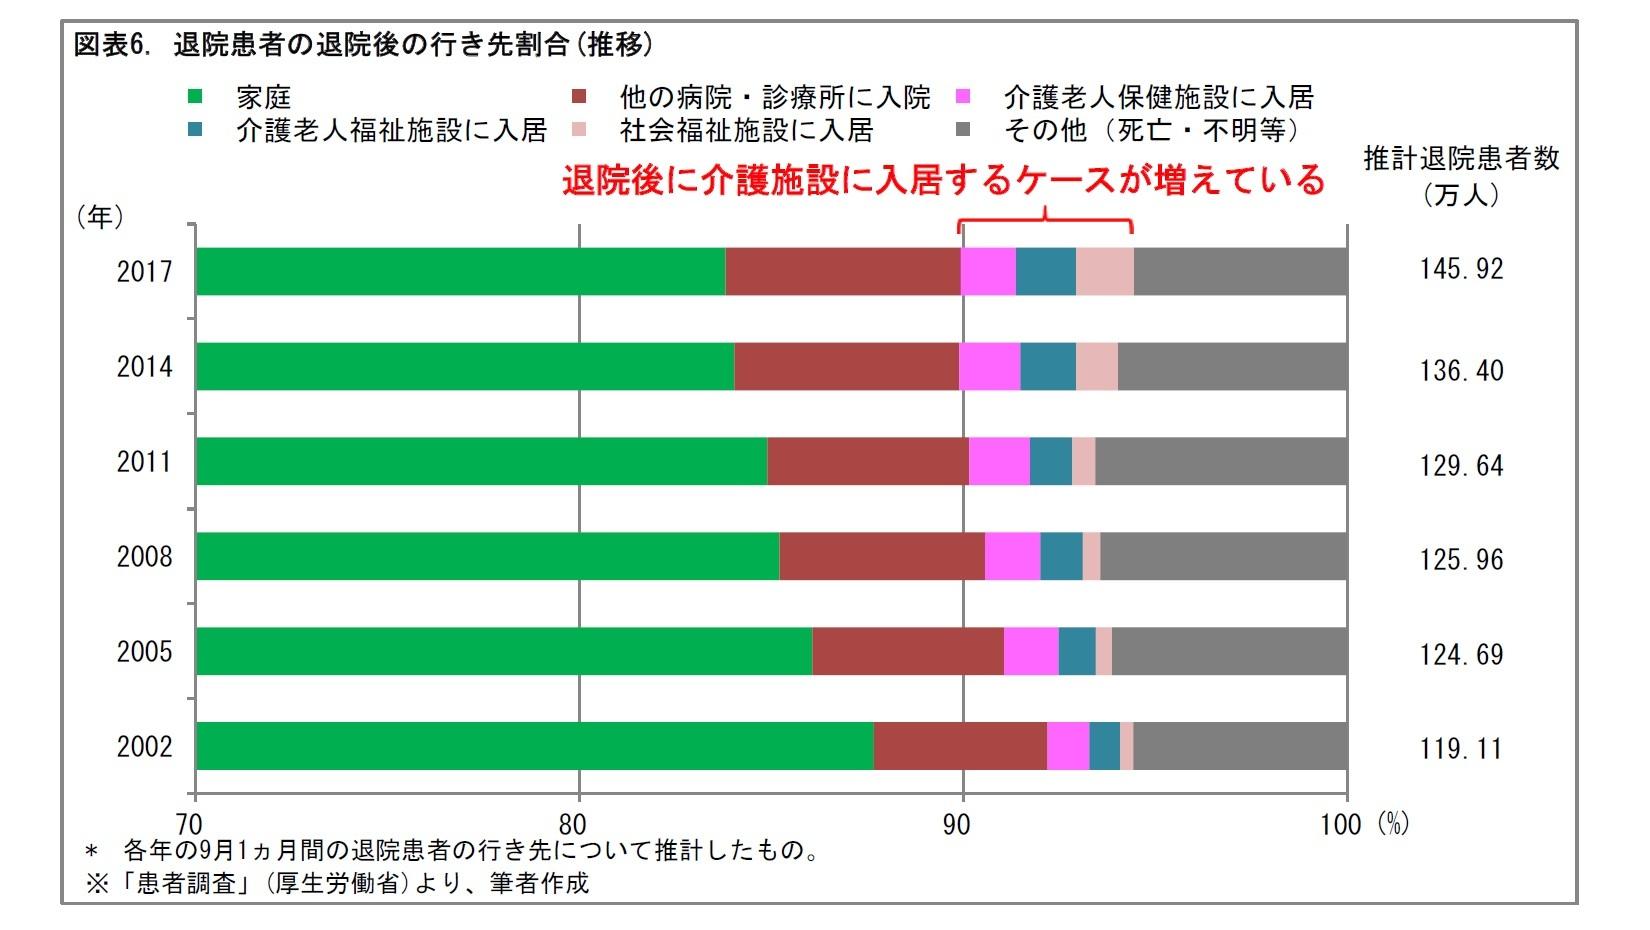 図表6. 退院患者の退院後の行き先割合(推移)